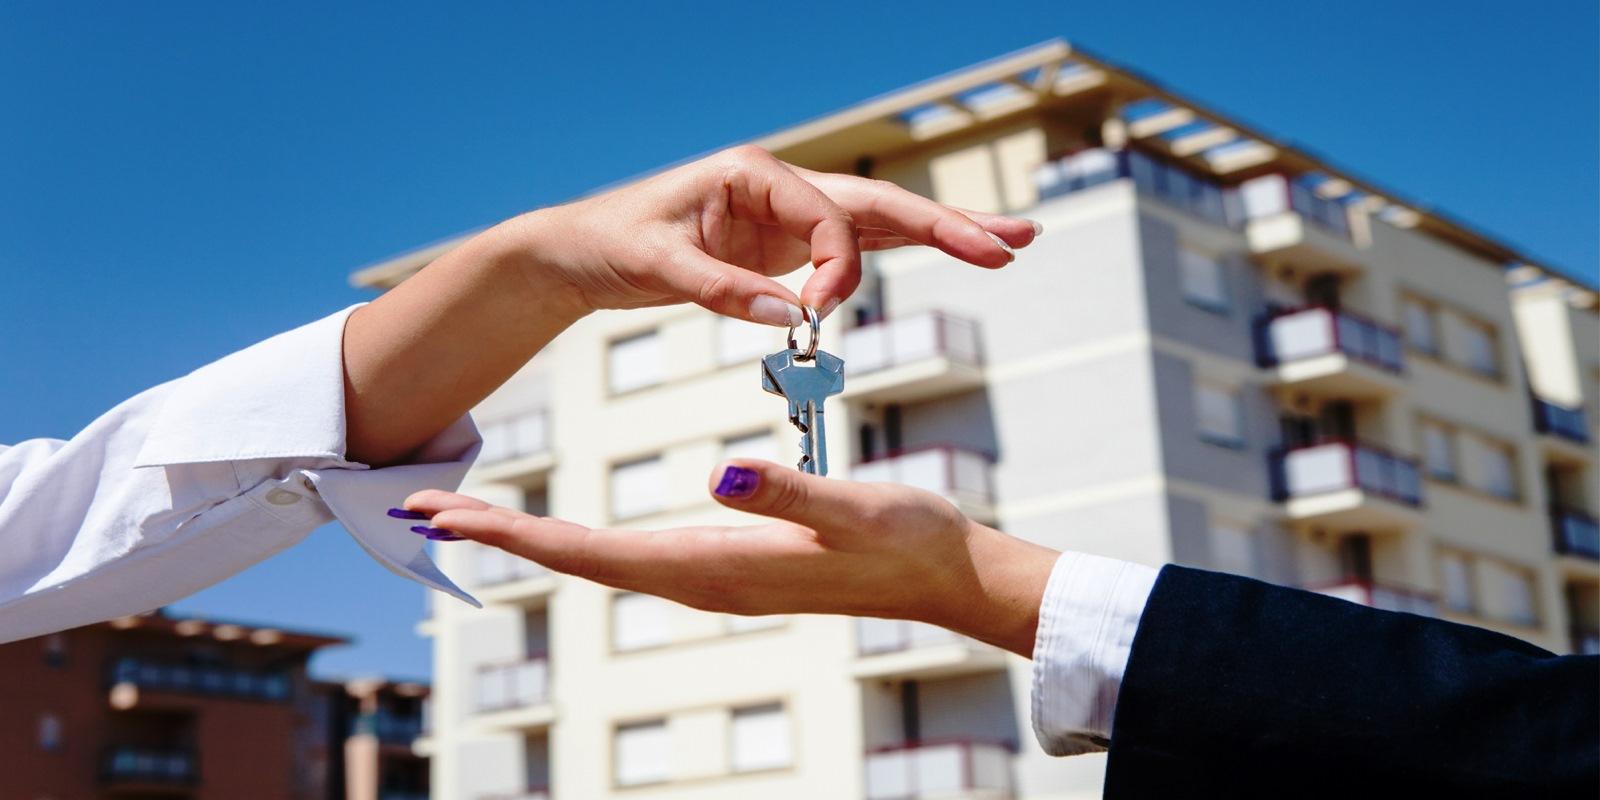 Если требуется крупная сумма, чаще всего жителям Москвы и Московской области приходится пользоваться только одним вариантом – продажей квартиры. Хорошо, если есть несколько месяцев в запасе.